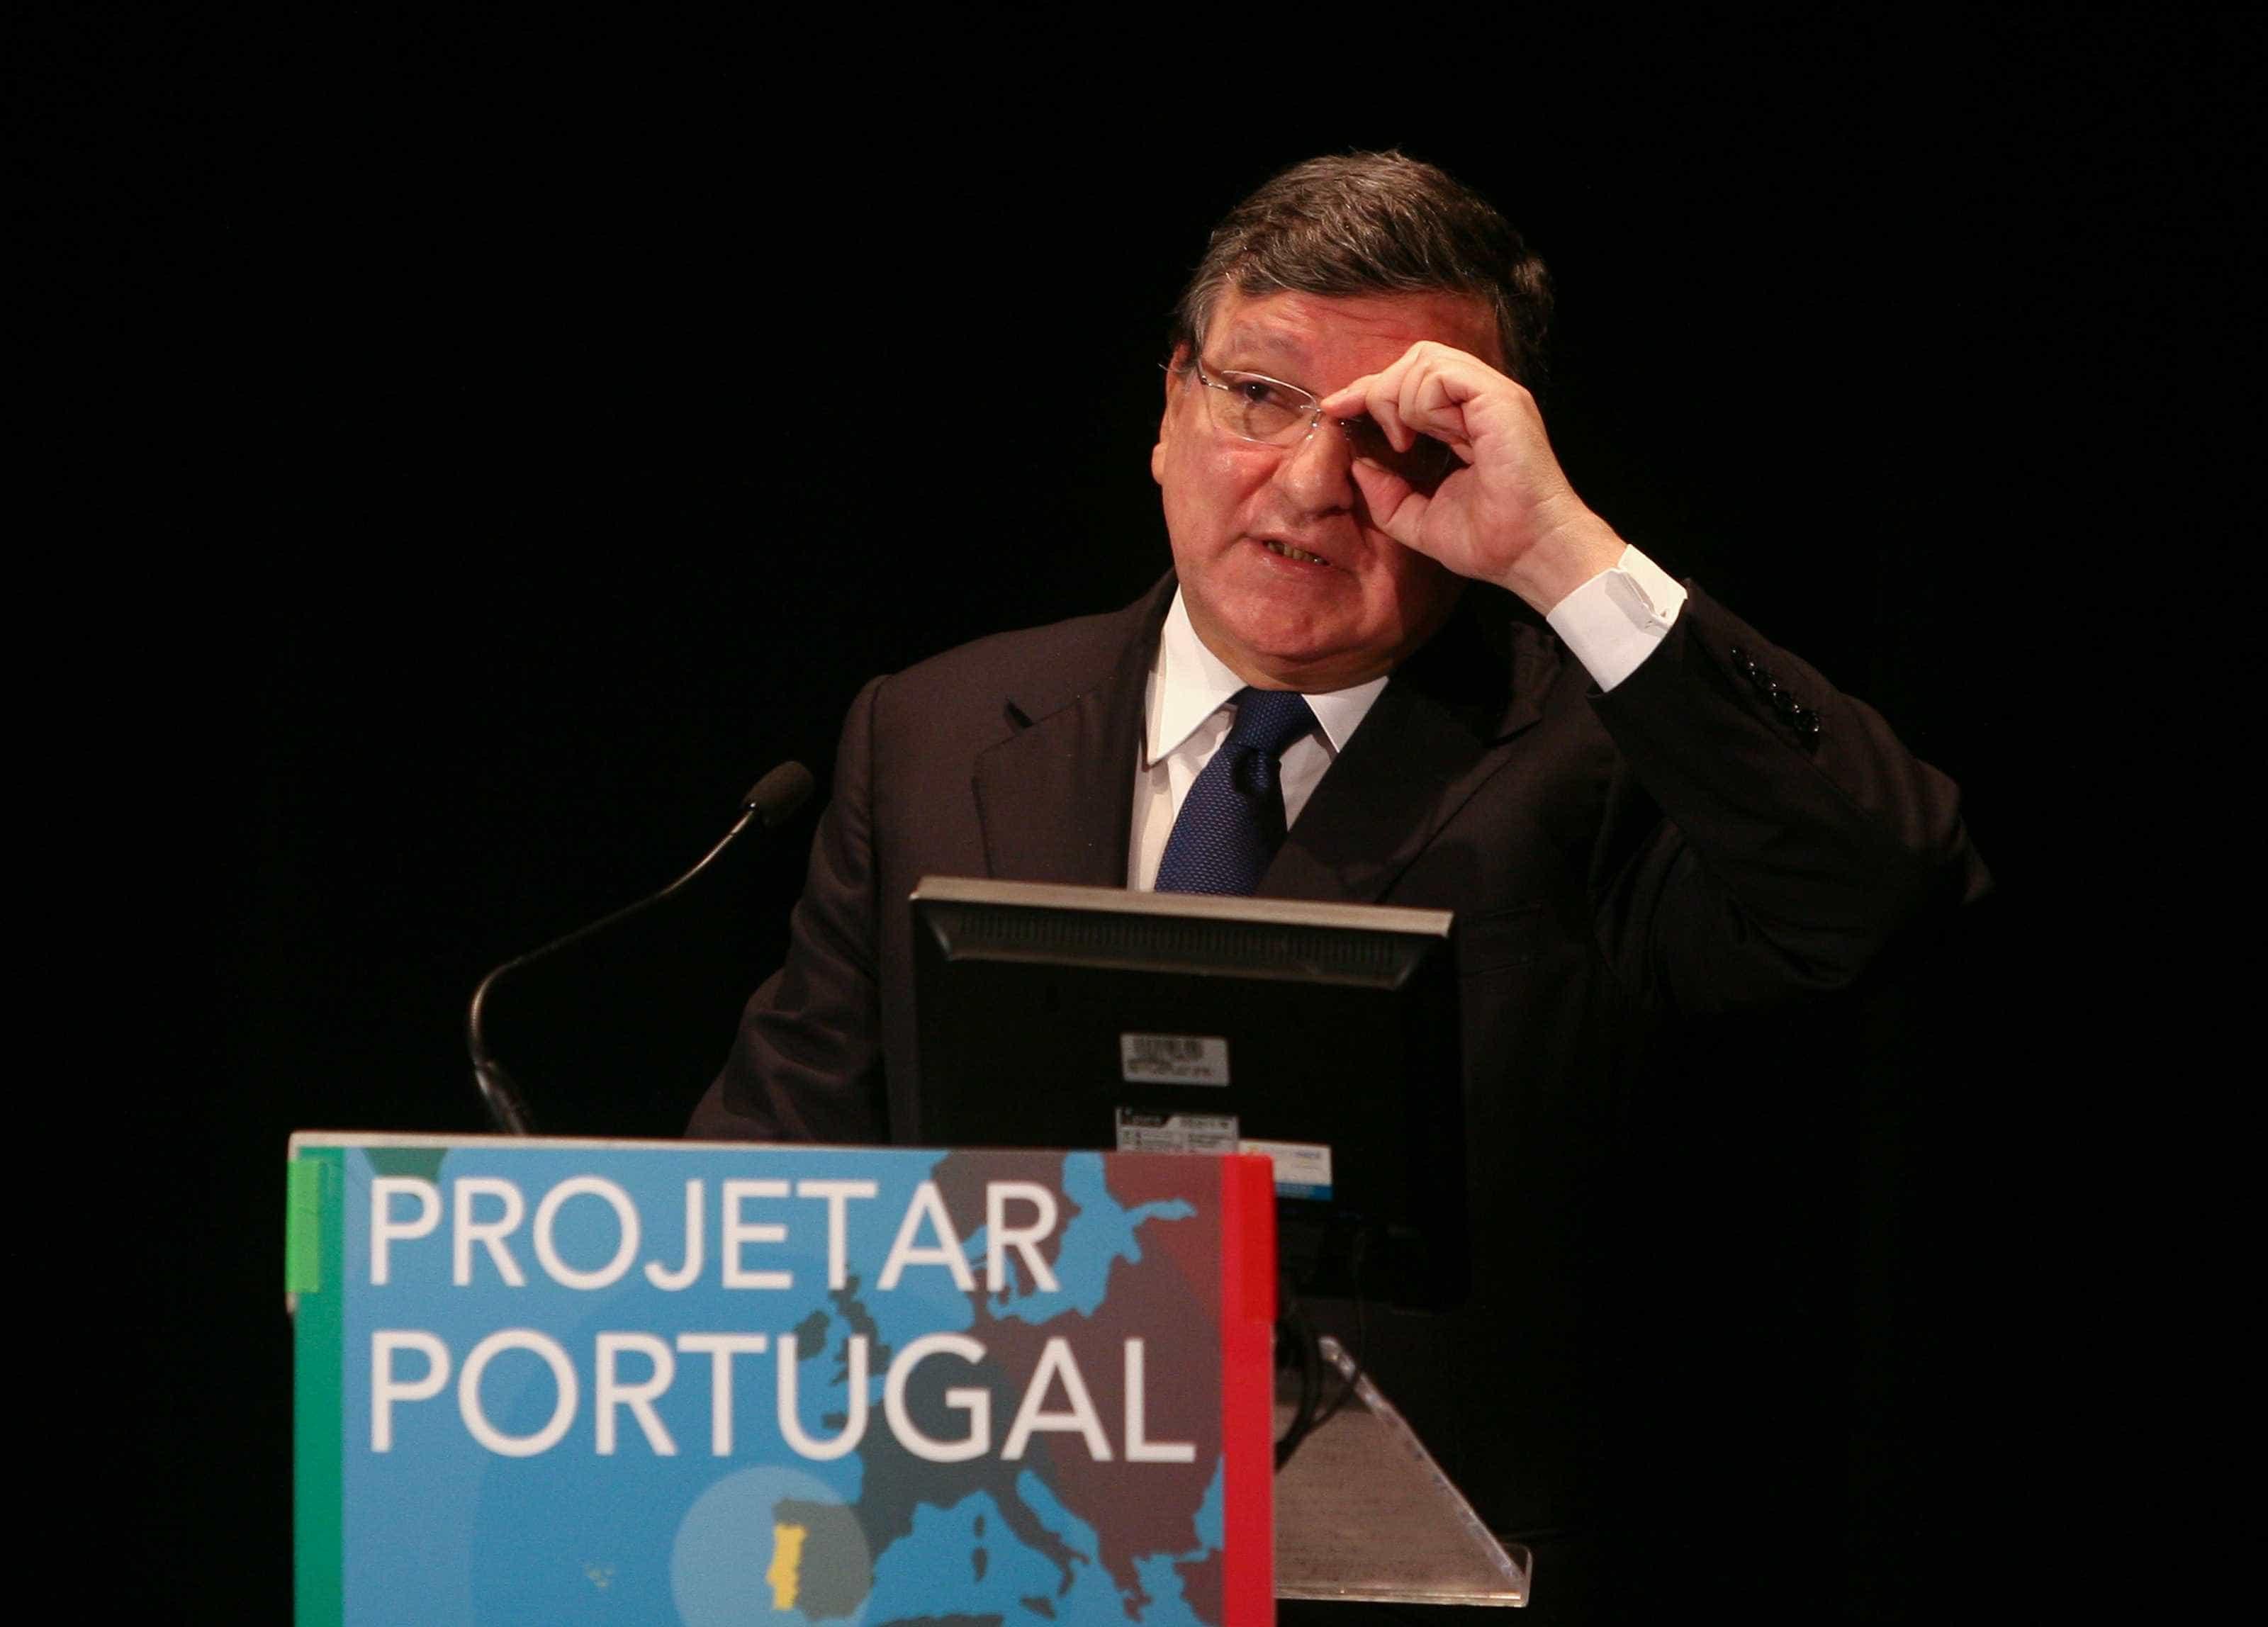 Durão Barroso garante que nunca recebeu qualquer pressão da EDP